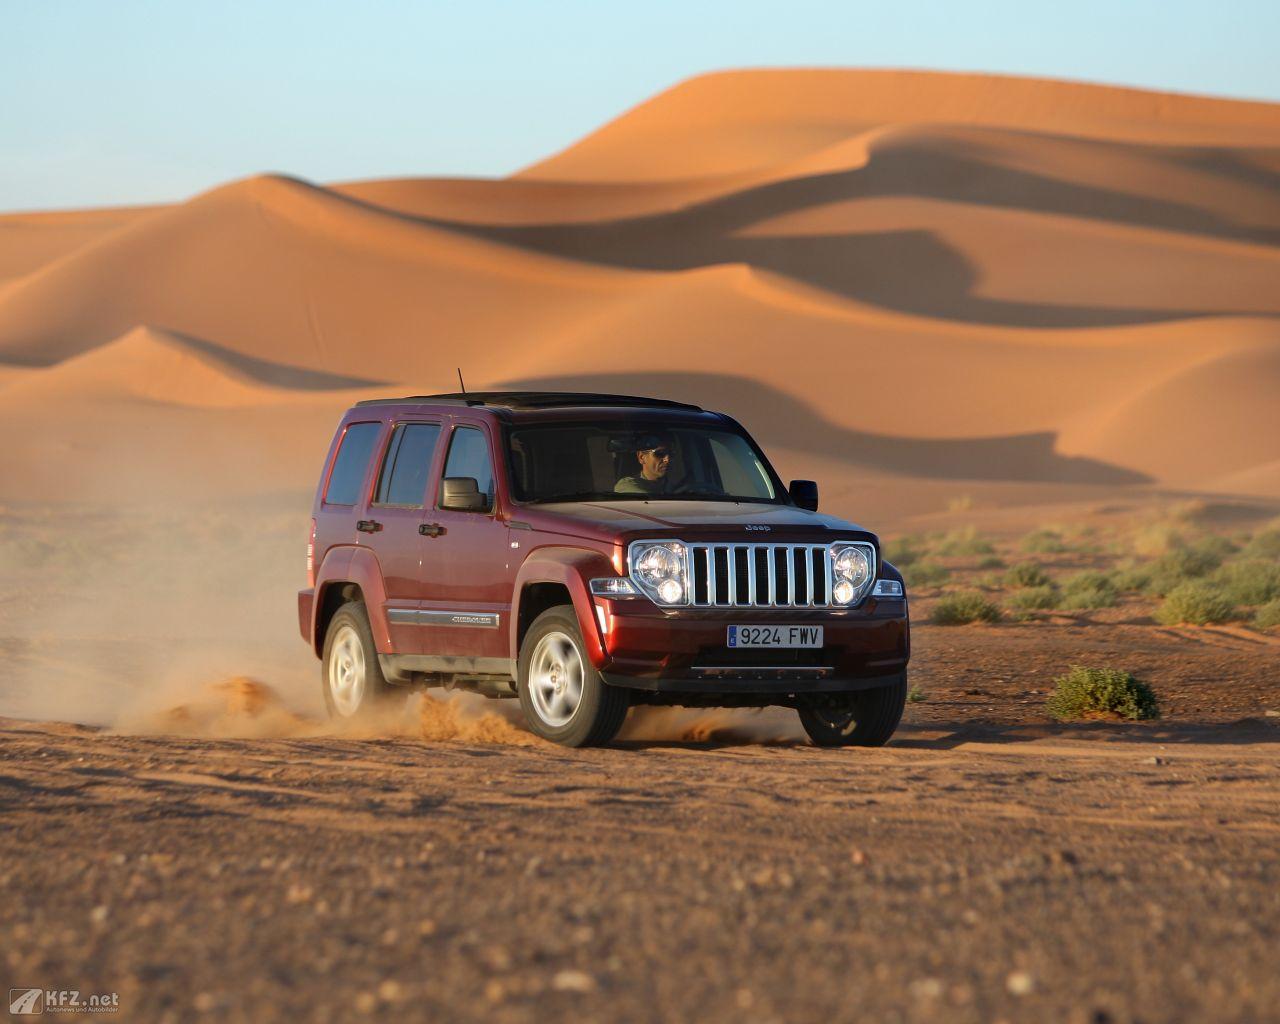 jeep-cherokee-1280x1024-6